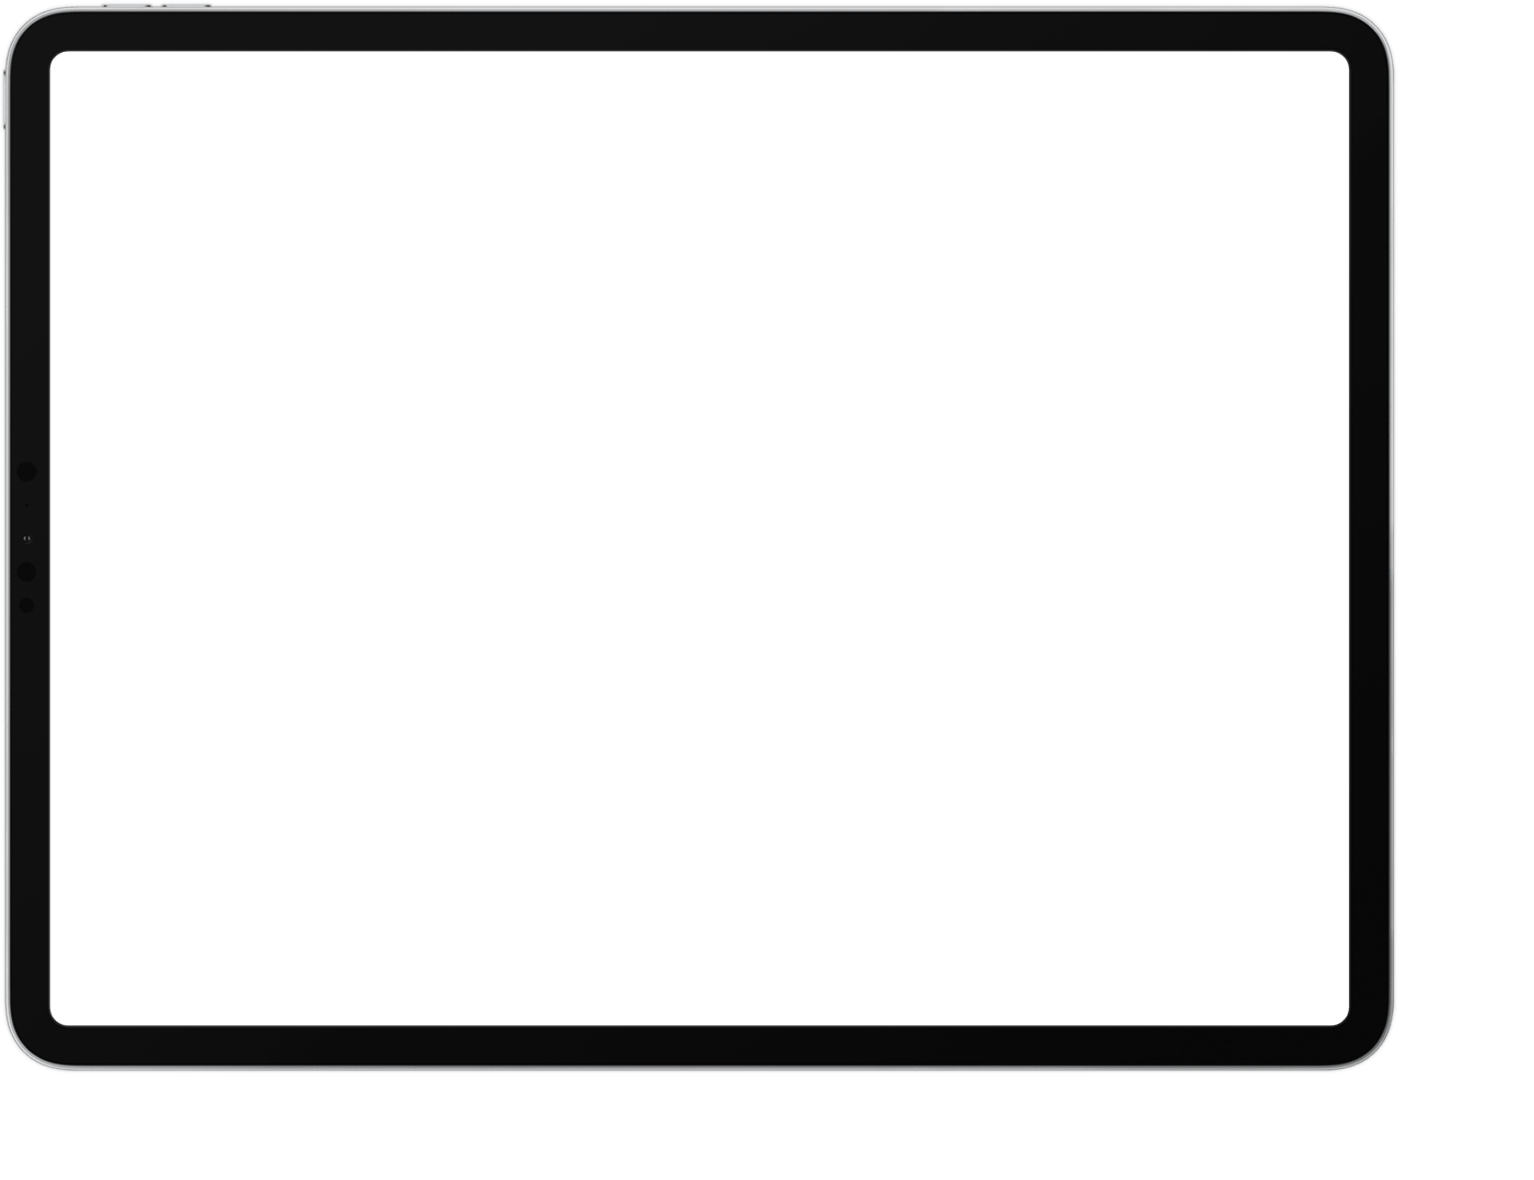 Imac-display image 5